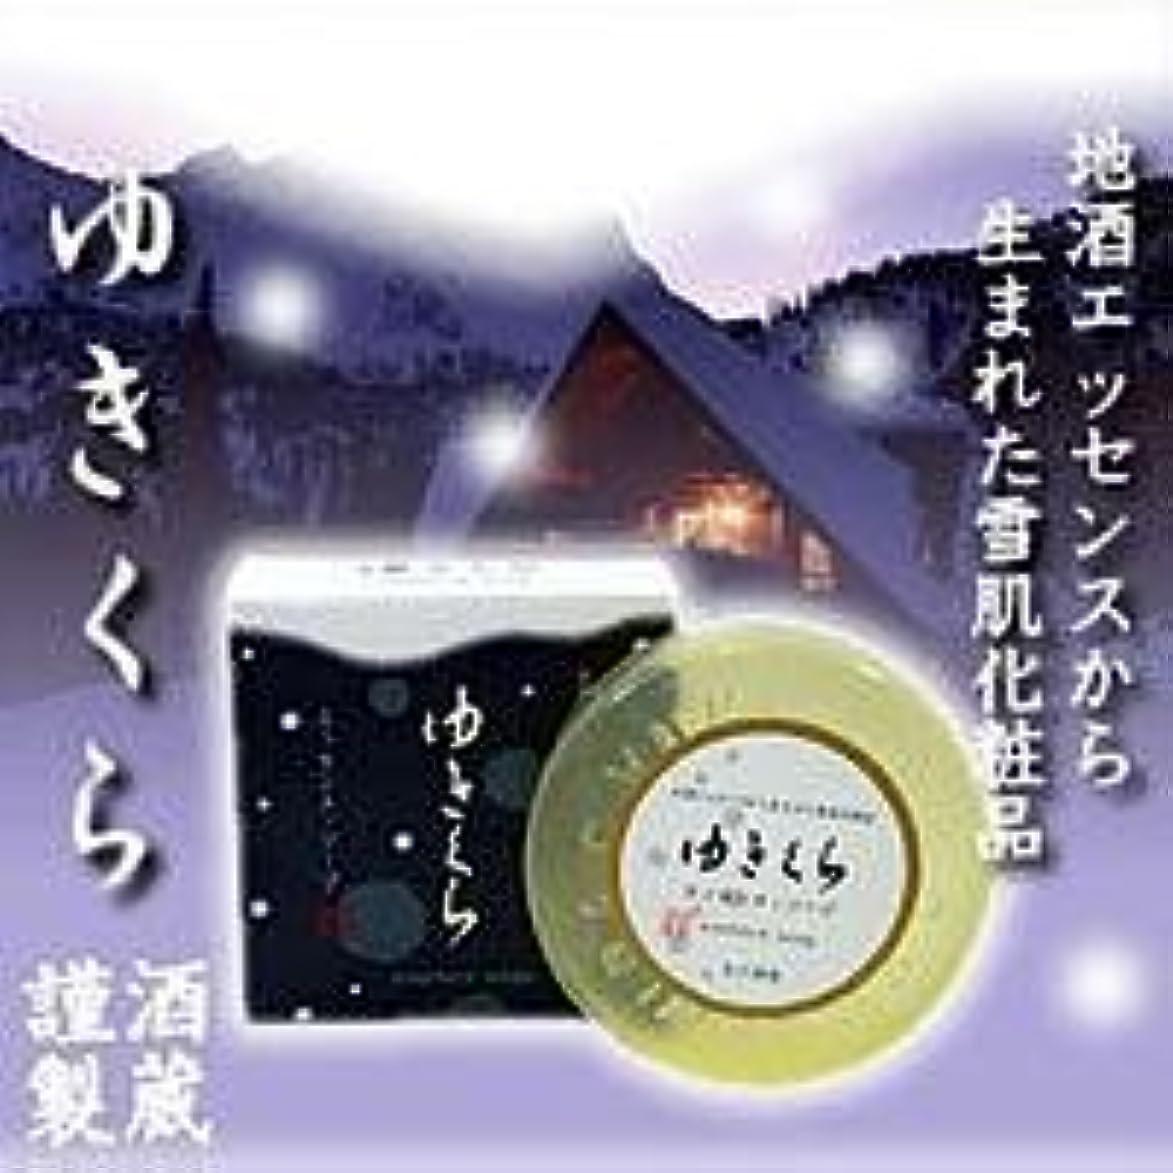 感謝祭菊自然公園ゆきくら透明石鹸 エッセンスソープ90g